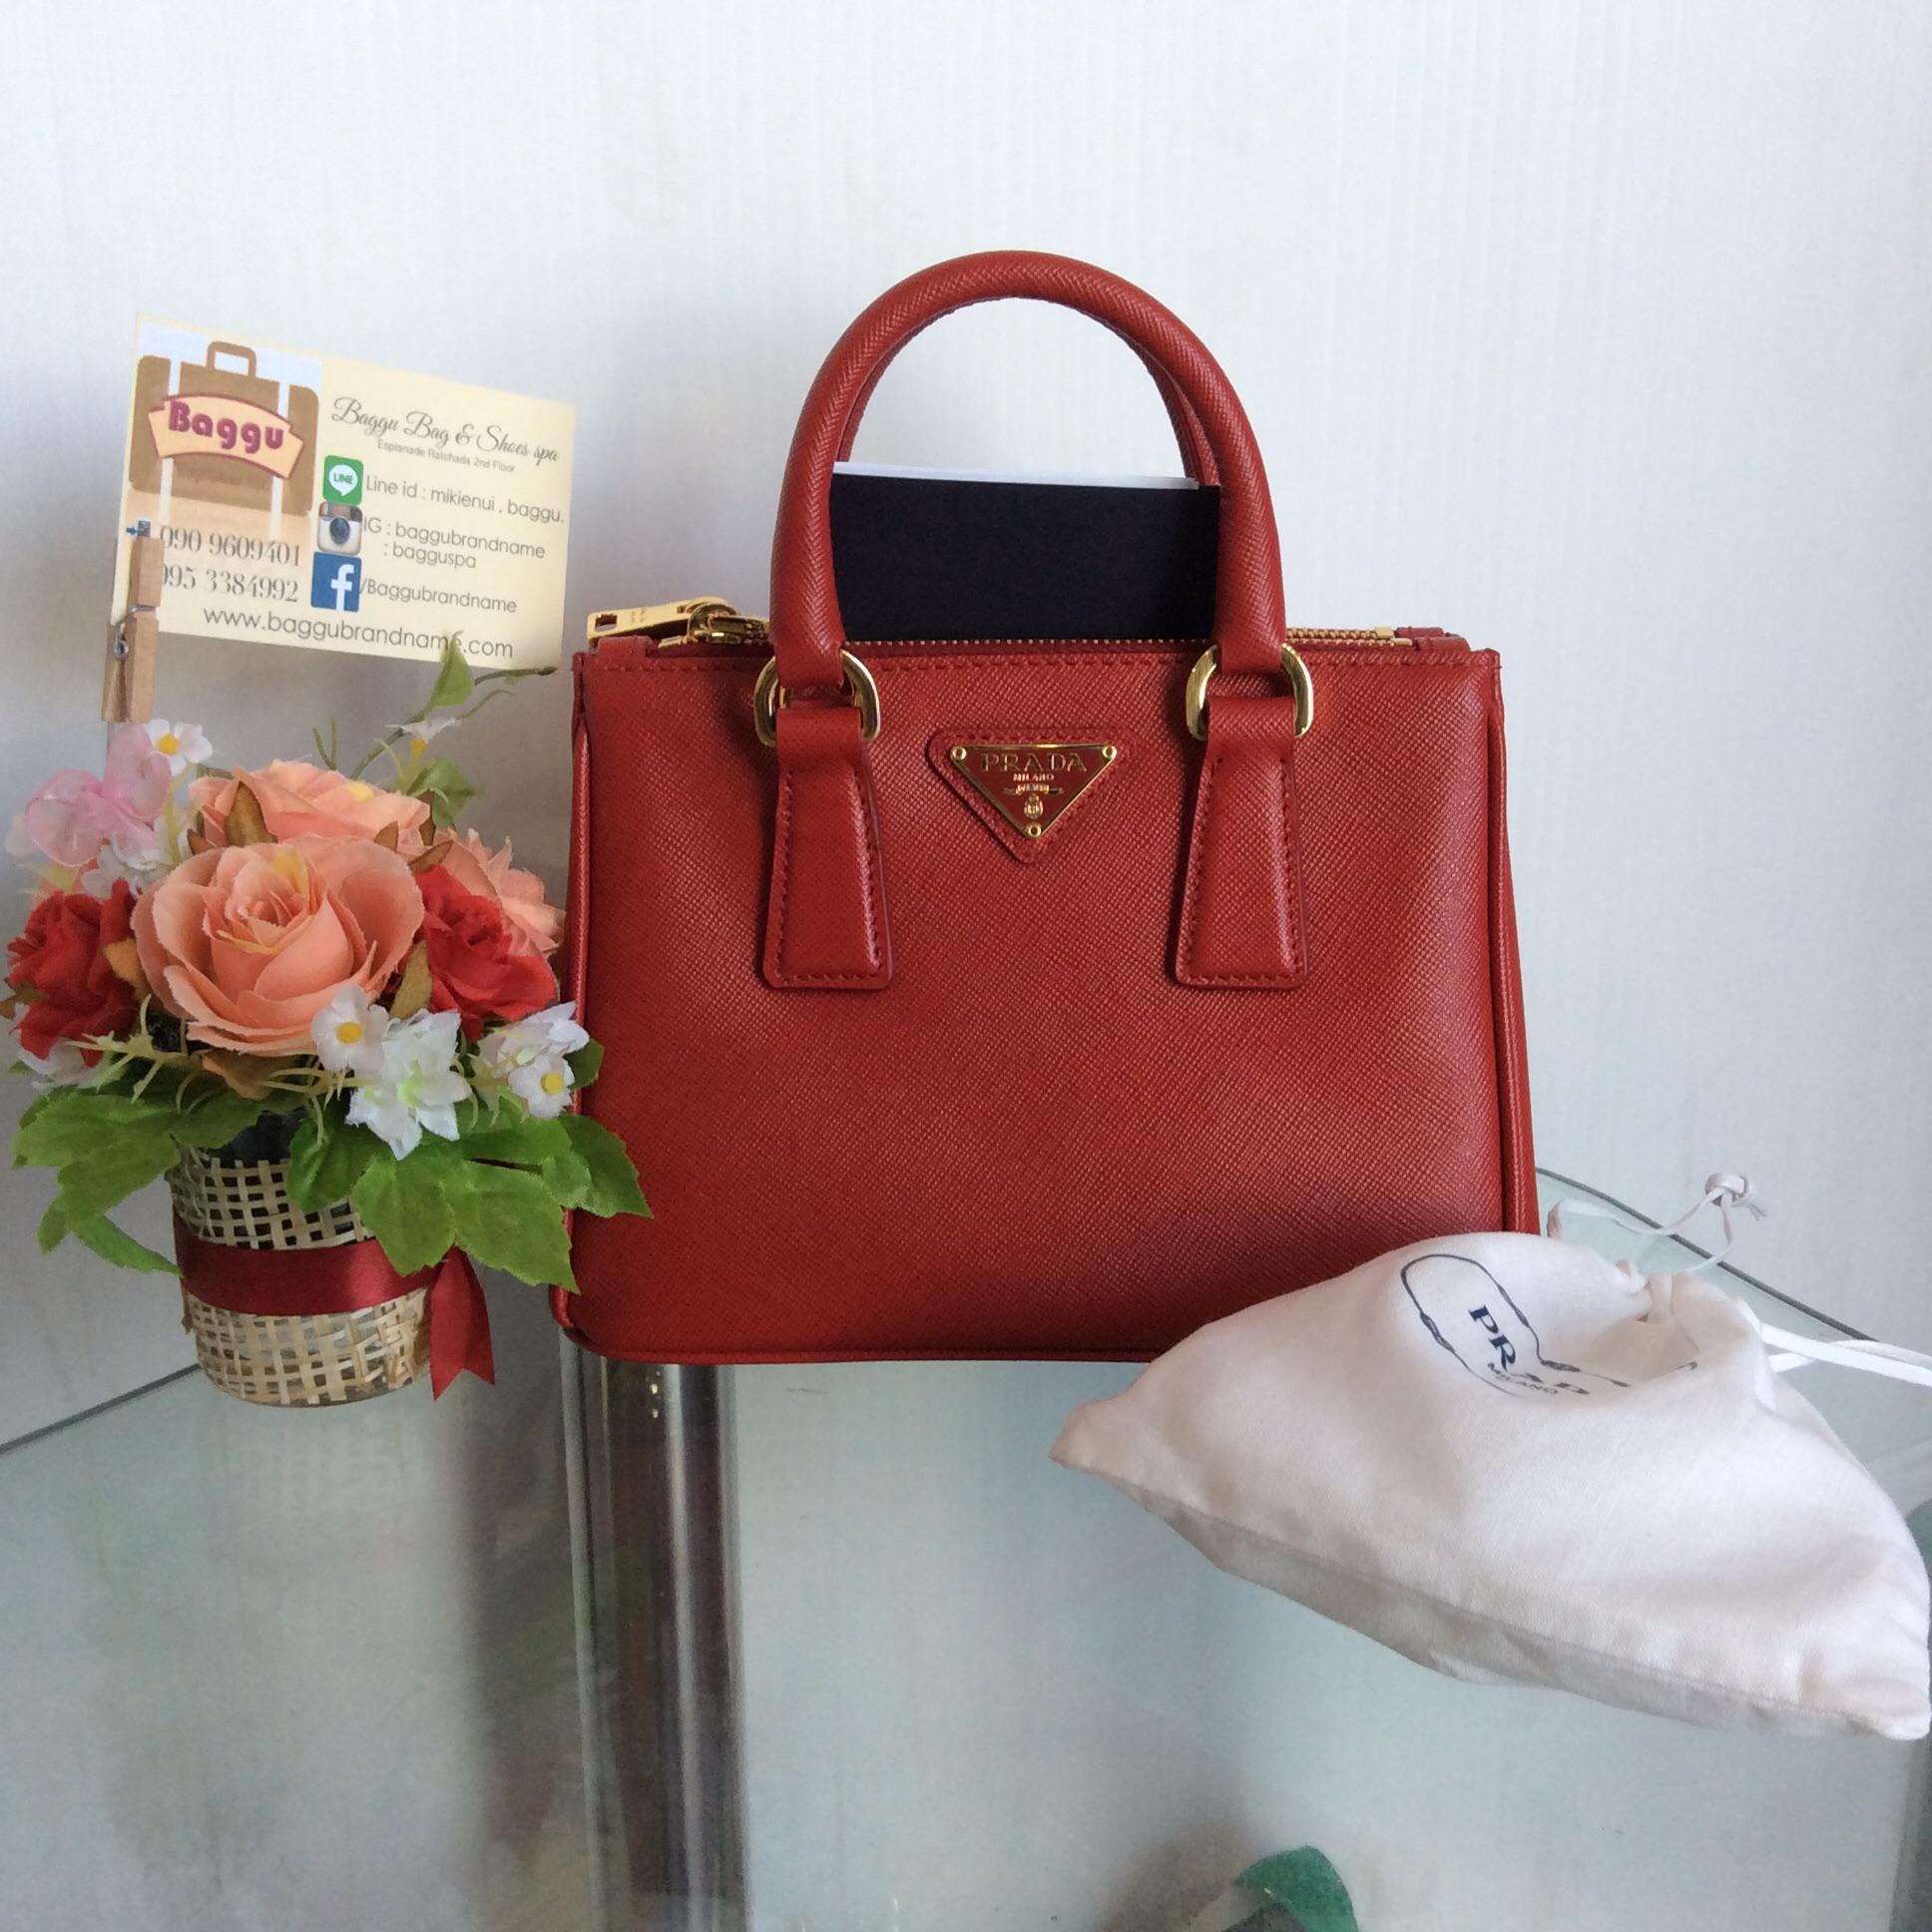 [SOLDOUT]Prada Saffiano Lux Red Fuoco Size 20 with strap - พราด้าซัฟเฟียโนมินิ 20 มีสาย พร้อมใบเสร็จ,การ์ด